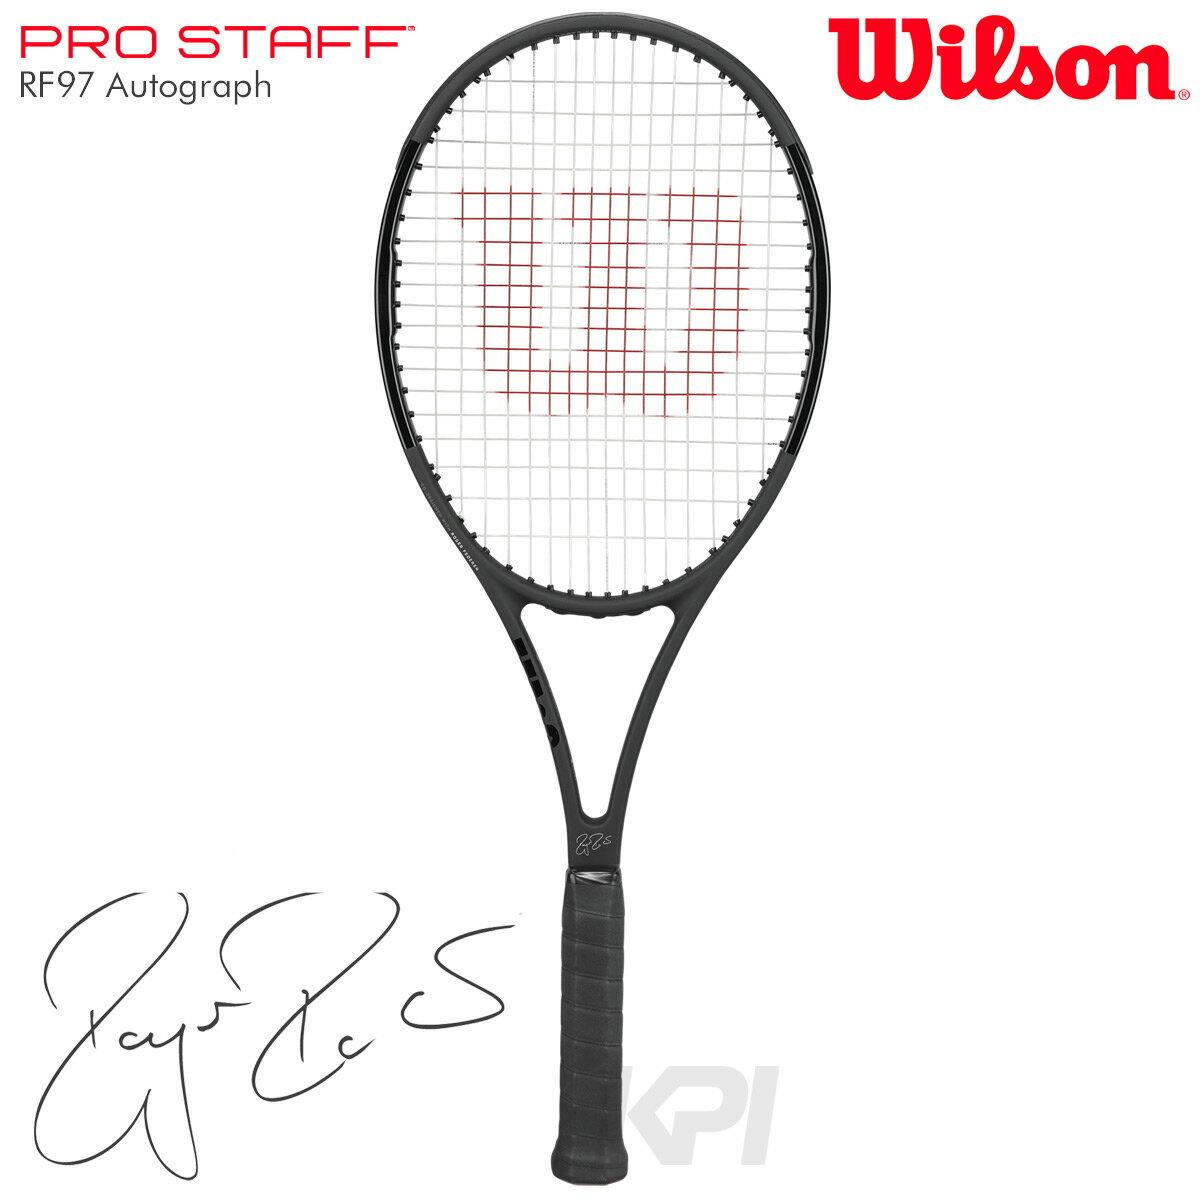 『即日出荷』 「2017モデル」Wilson(ウイルソン)「PRO STAFF RF97 Autograph(プロスタッフ97RFオートグラフ) WRT731410」硬式テニスラケット(スマートテニスセンサー対応)「あす楽対応」【prospo】